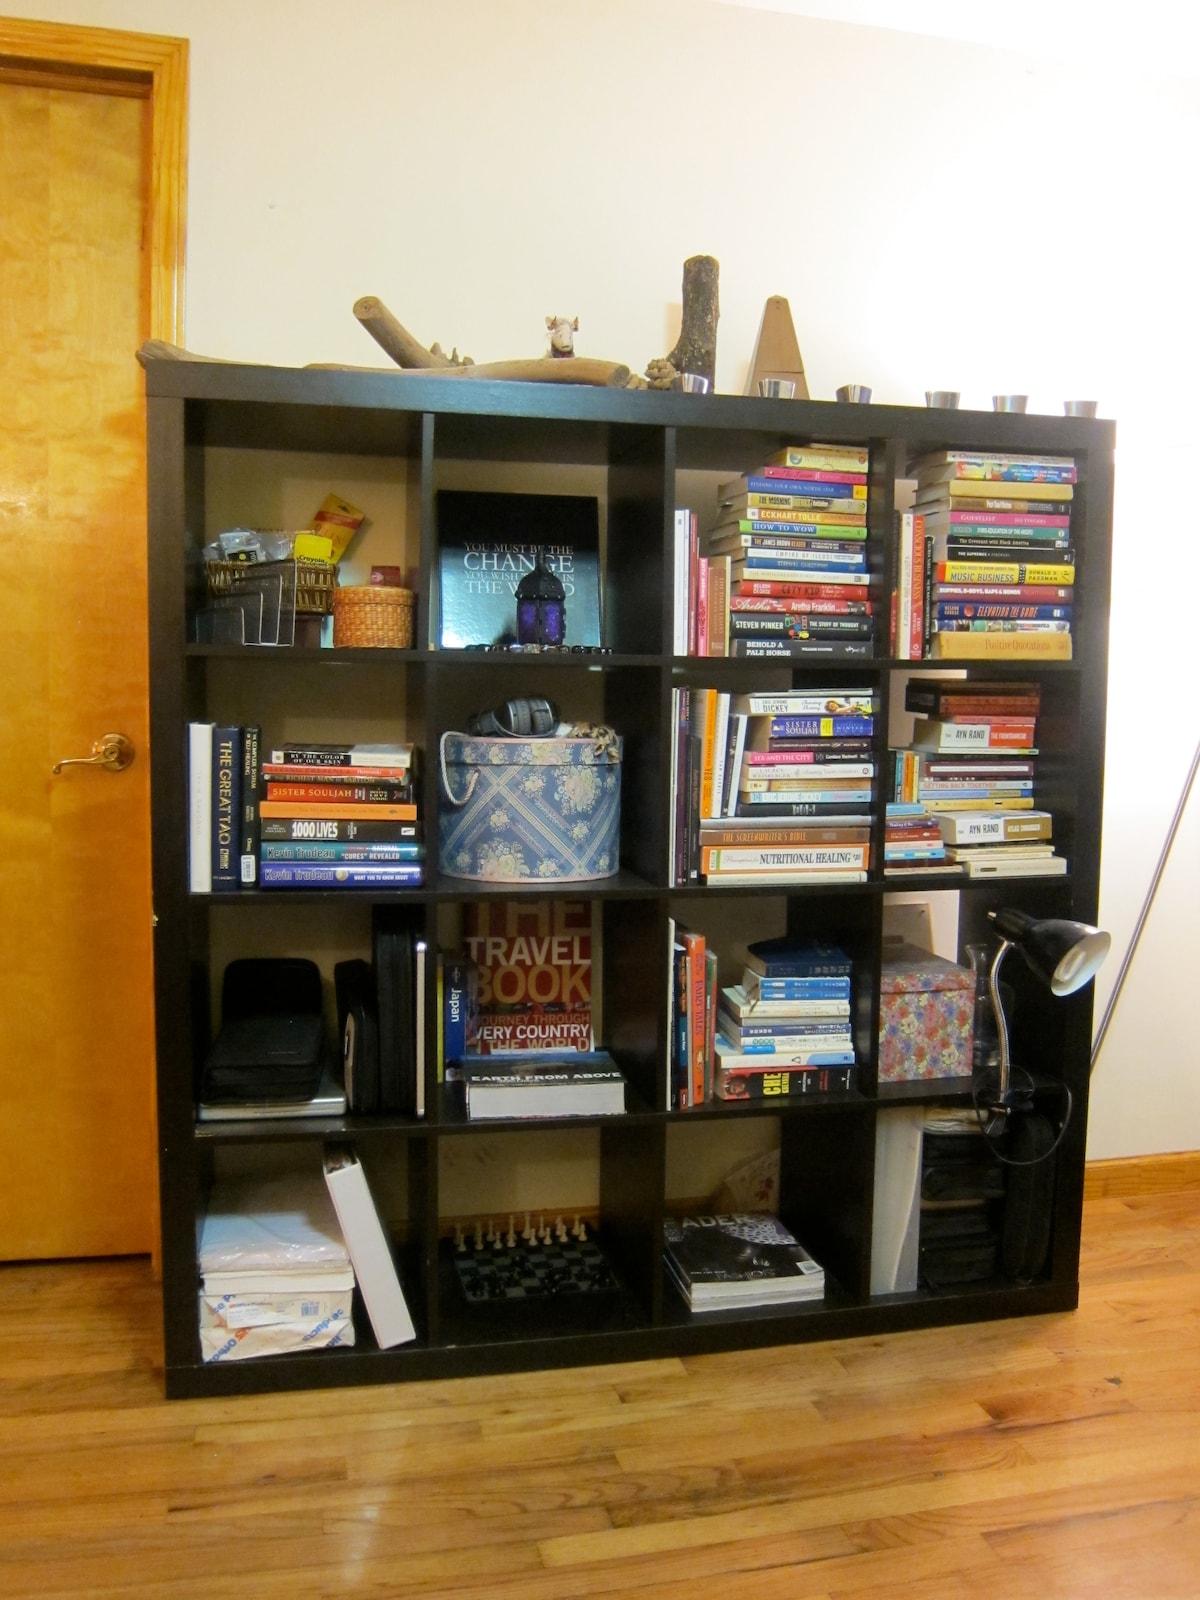 Our book shelf.